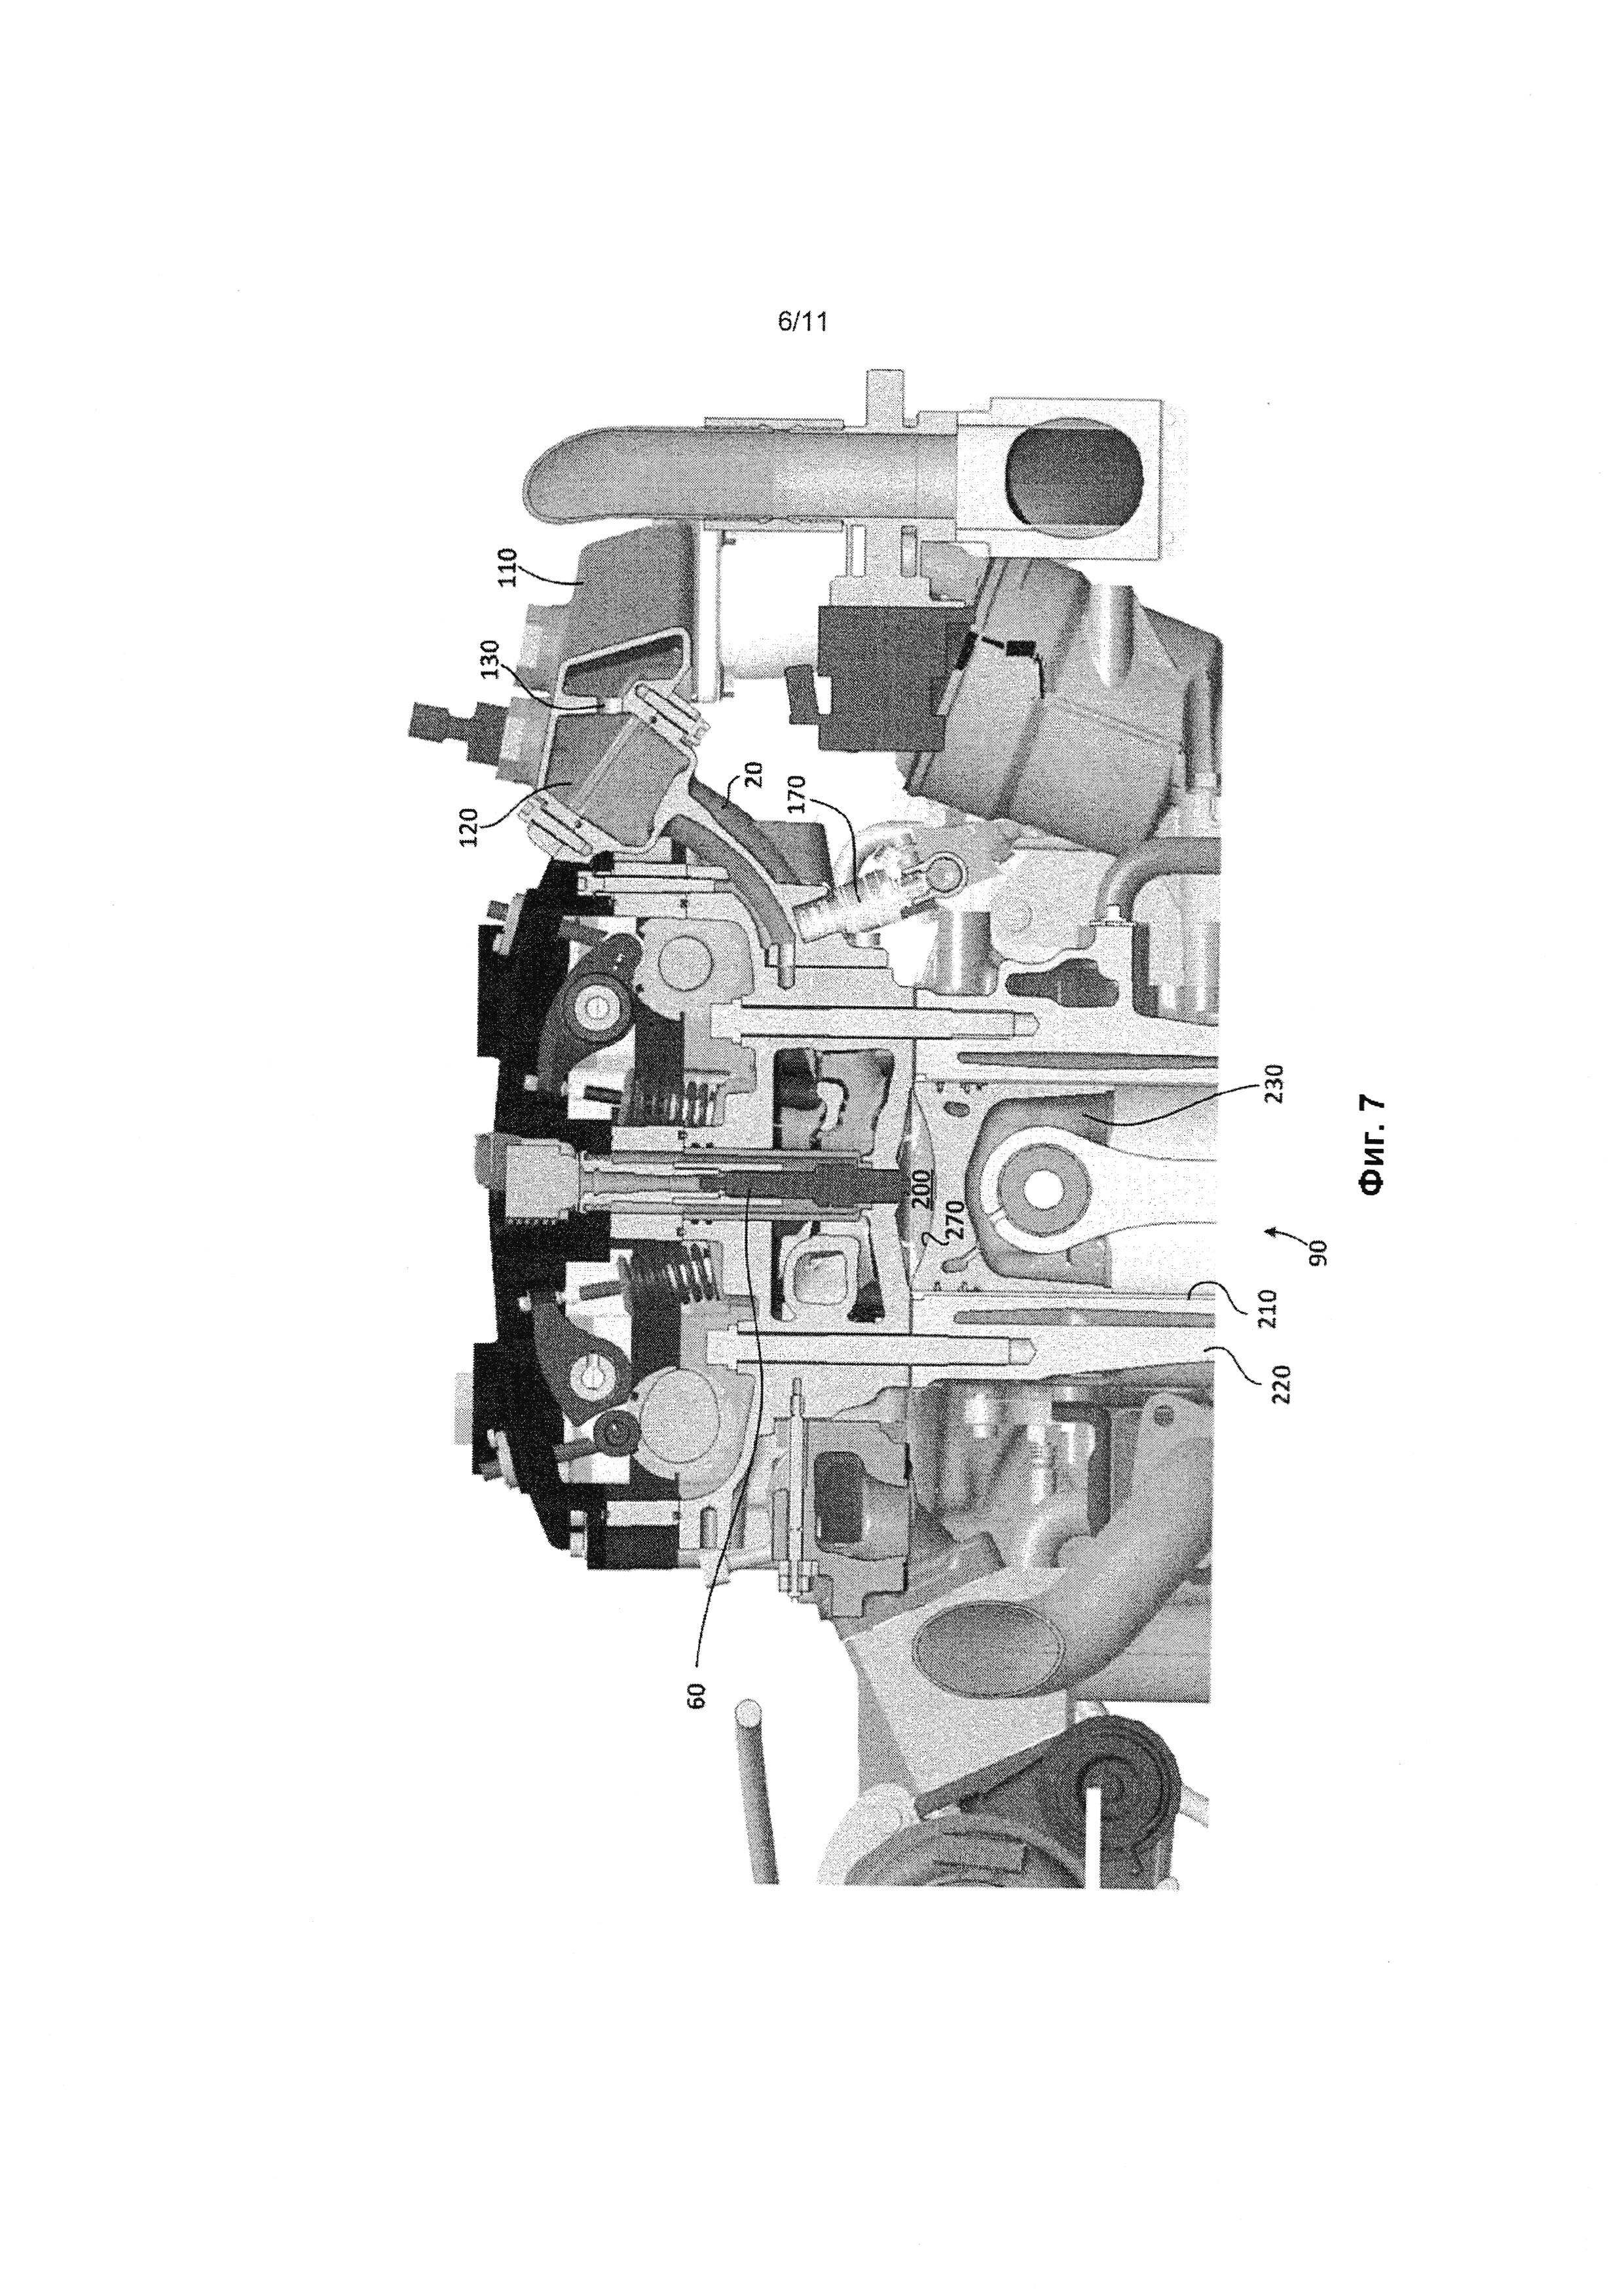 Устройство сжигания газообразного топлива для двигателя внутреннего сгорания